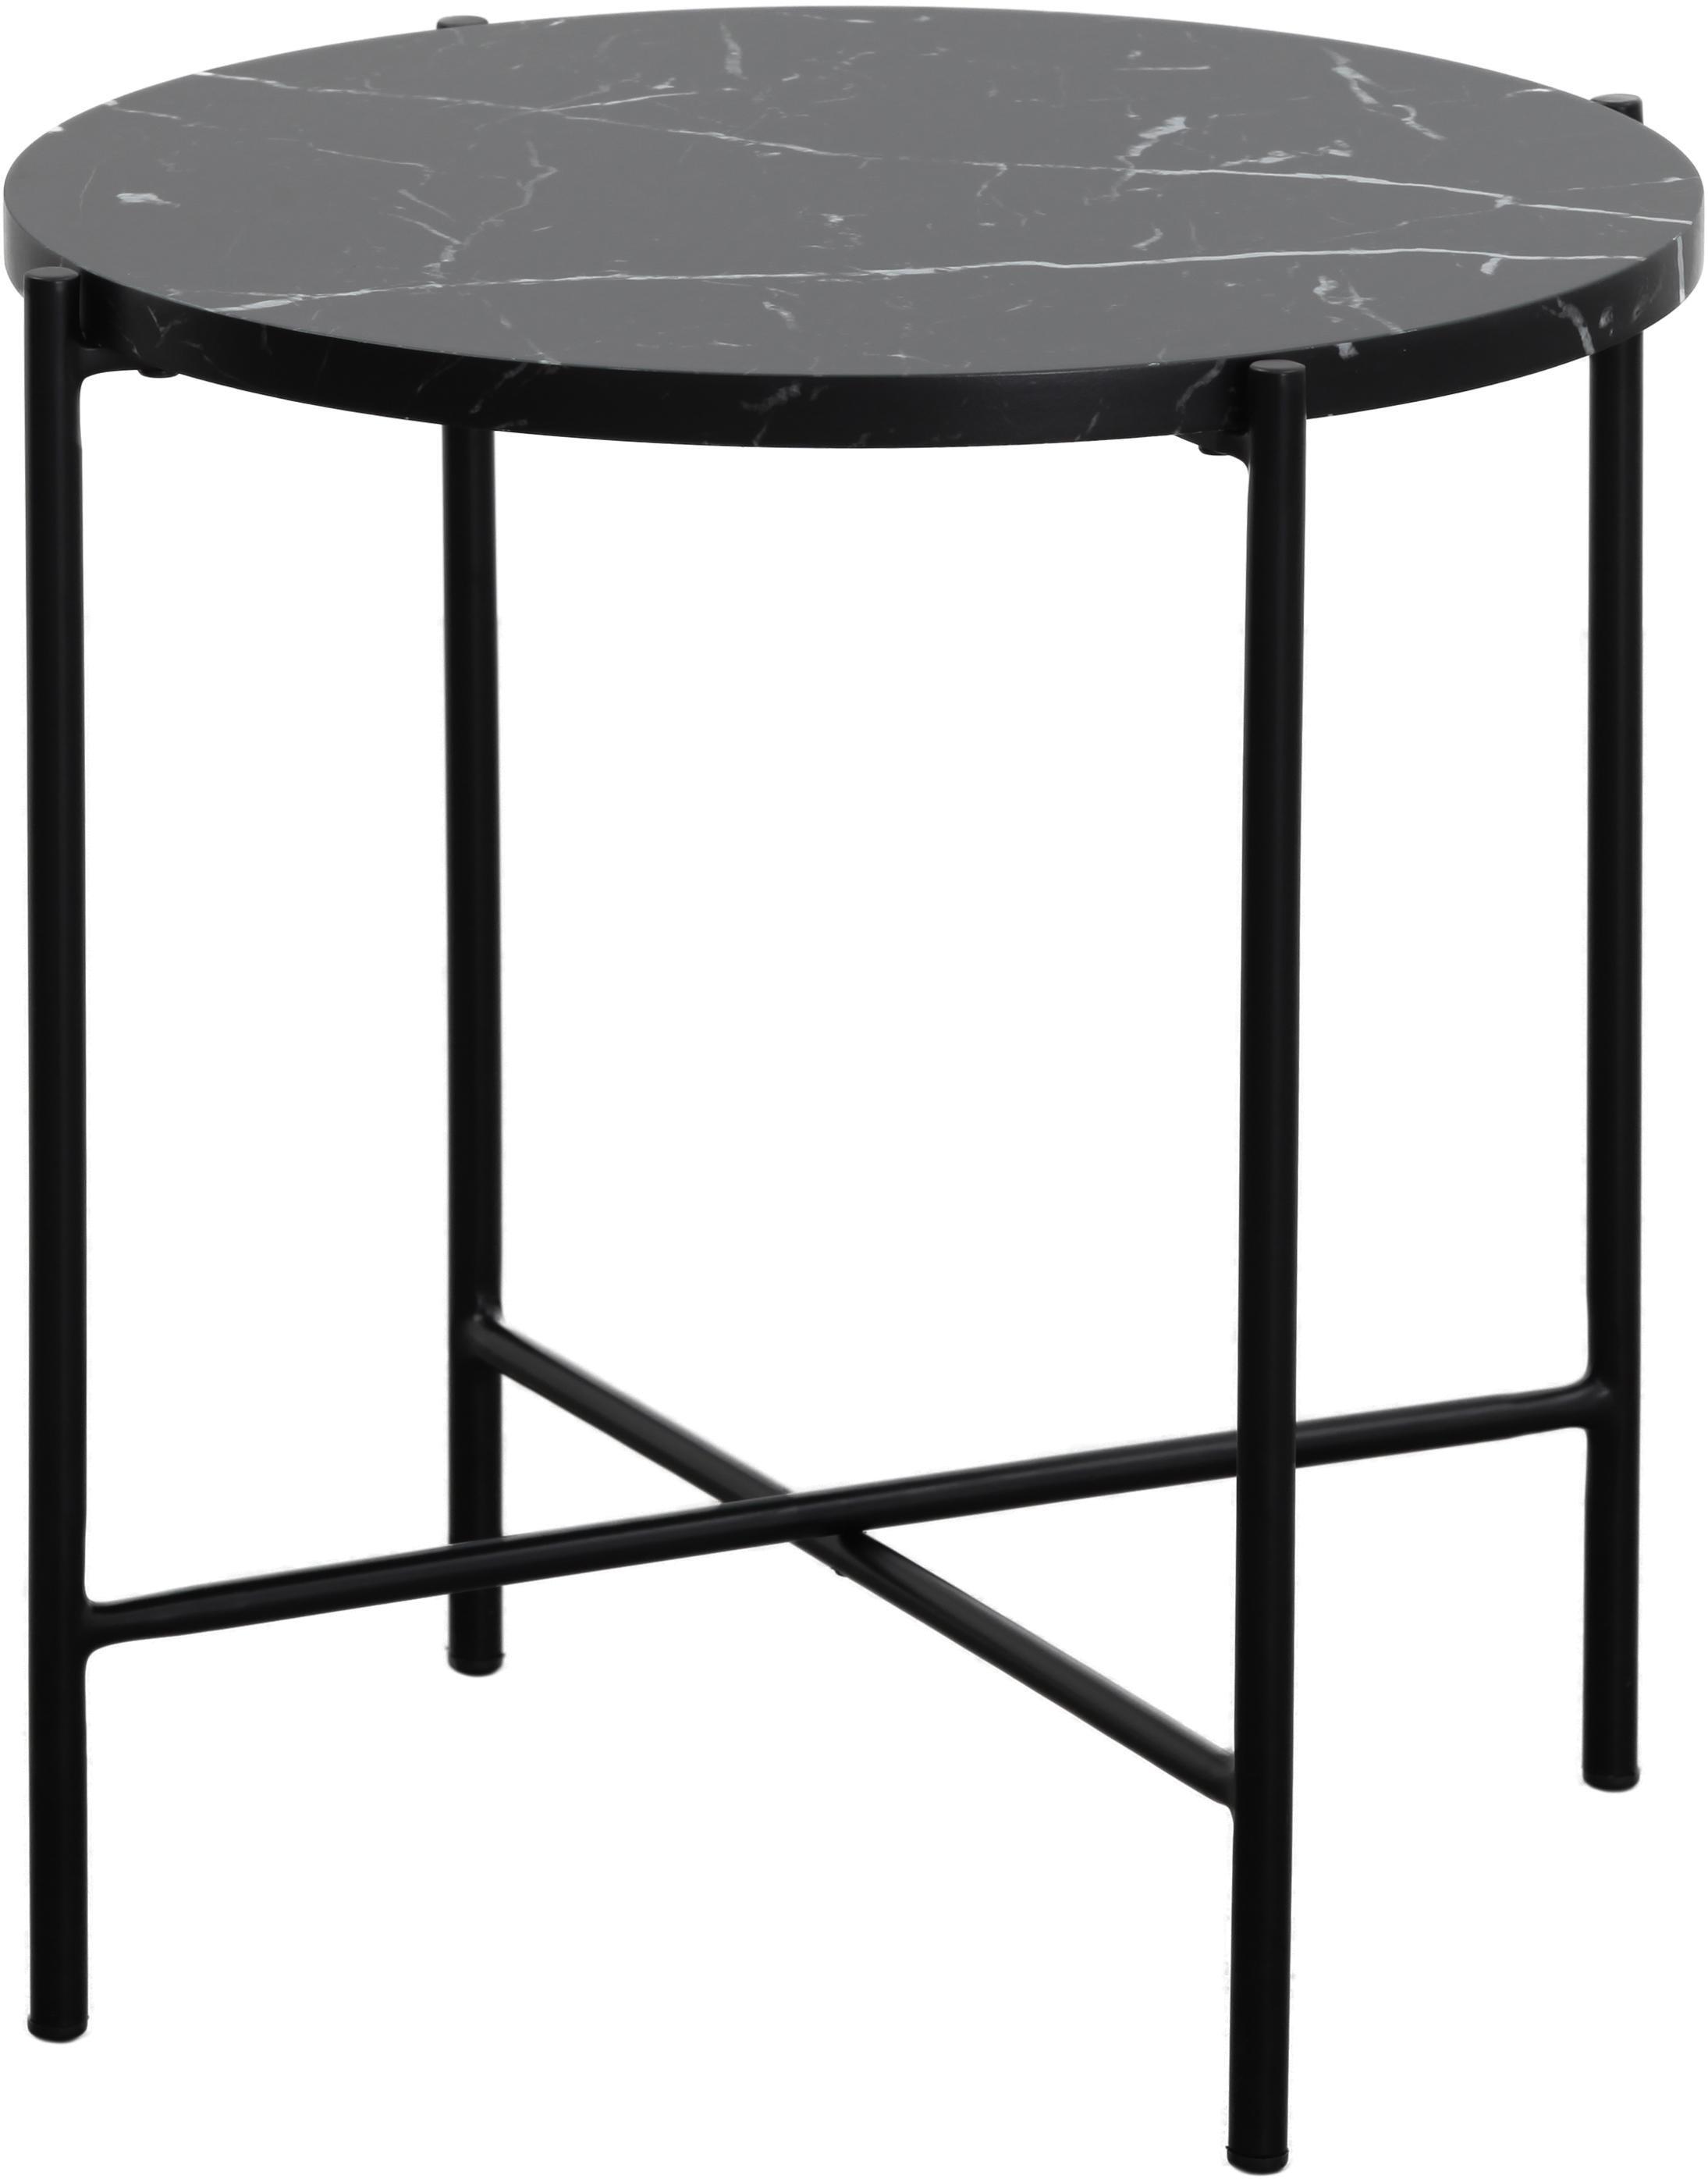 Mesa auxiliar Fria, aspecto mármol, Tablero: fibras de densidad media , Estructura: metal con pintura en polv, Mármol negro, negro mate, Ø 45 x Al 46 cm